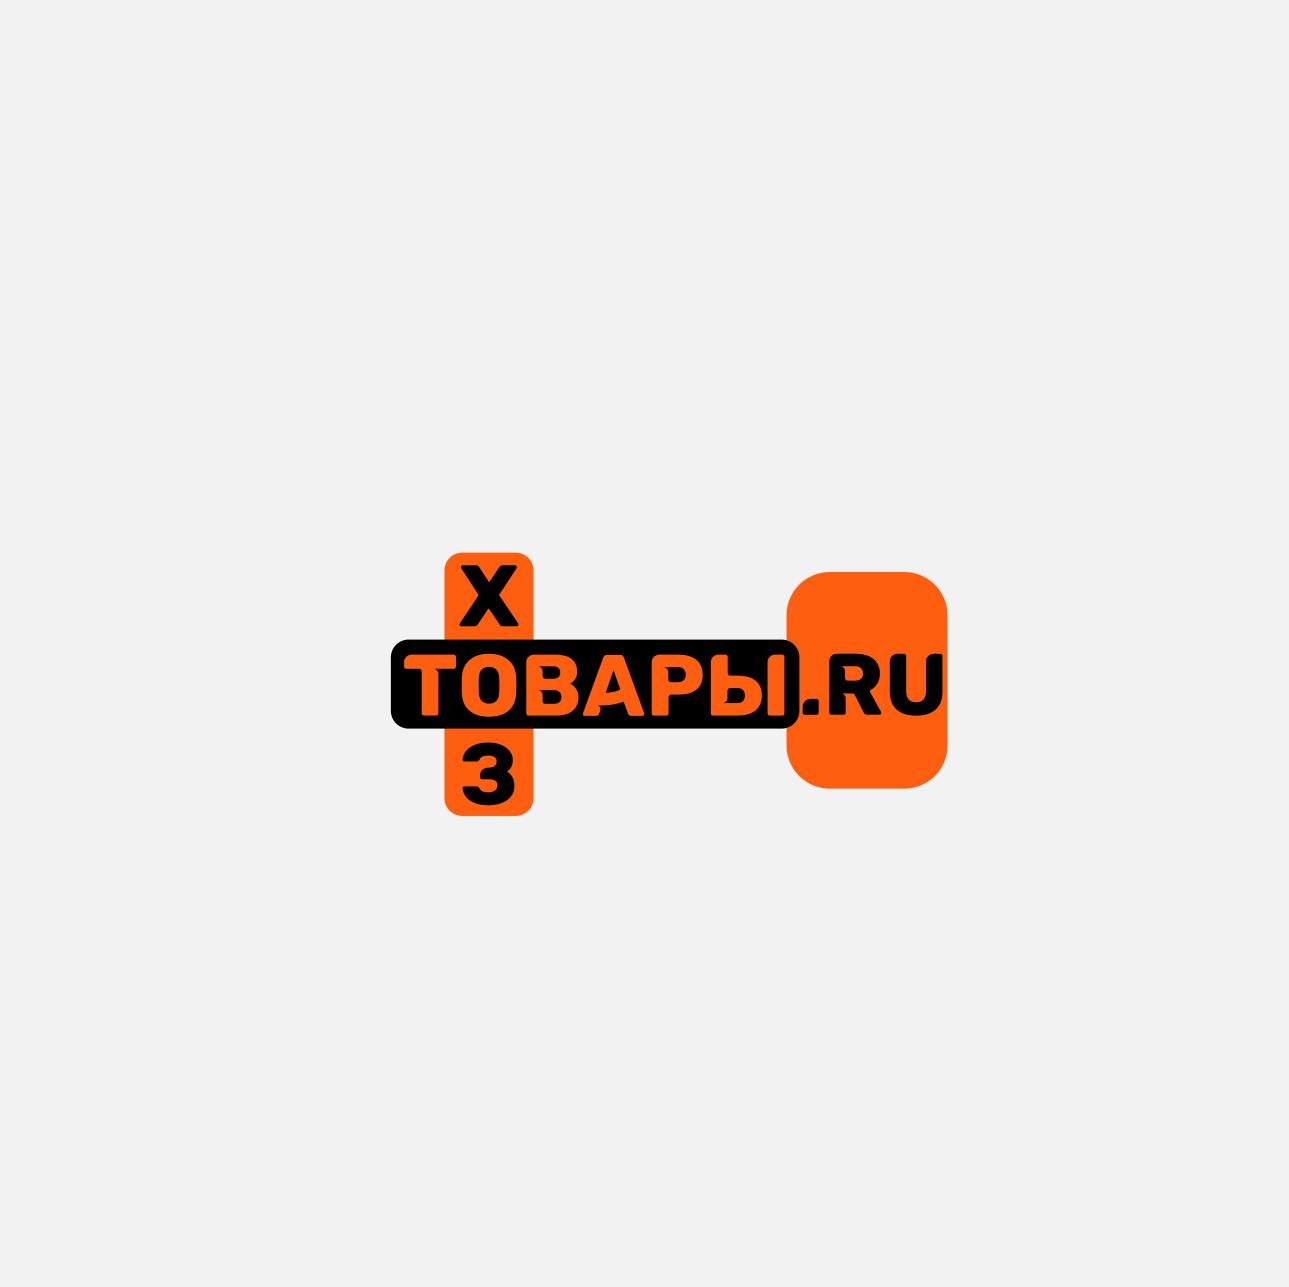 Разработка логотипа для оптового интернет-магазина «Хозтовары.ру» фото f_6726070924df2d94.png